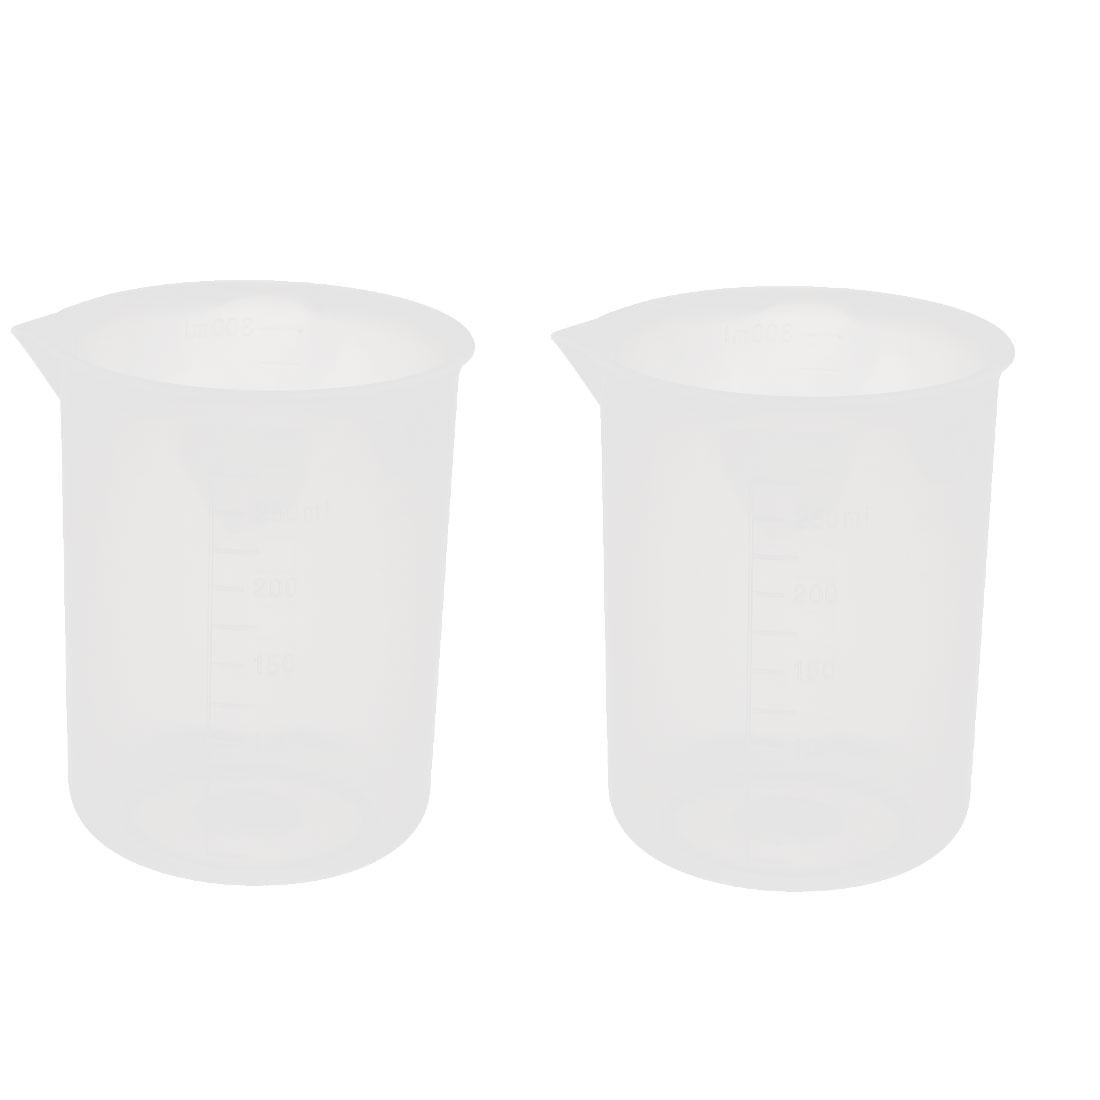 2pcs 250mL Laboratory Plastic Liquid Container Measuring Cup Beaker